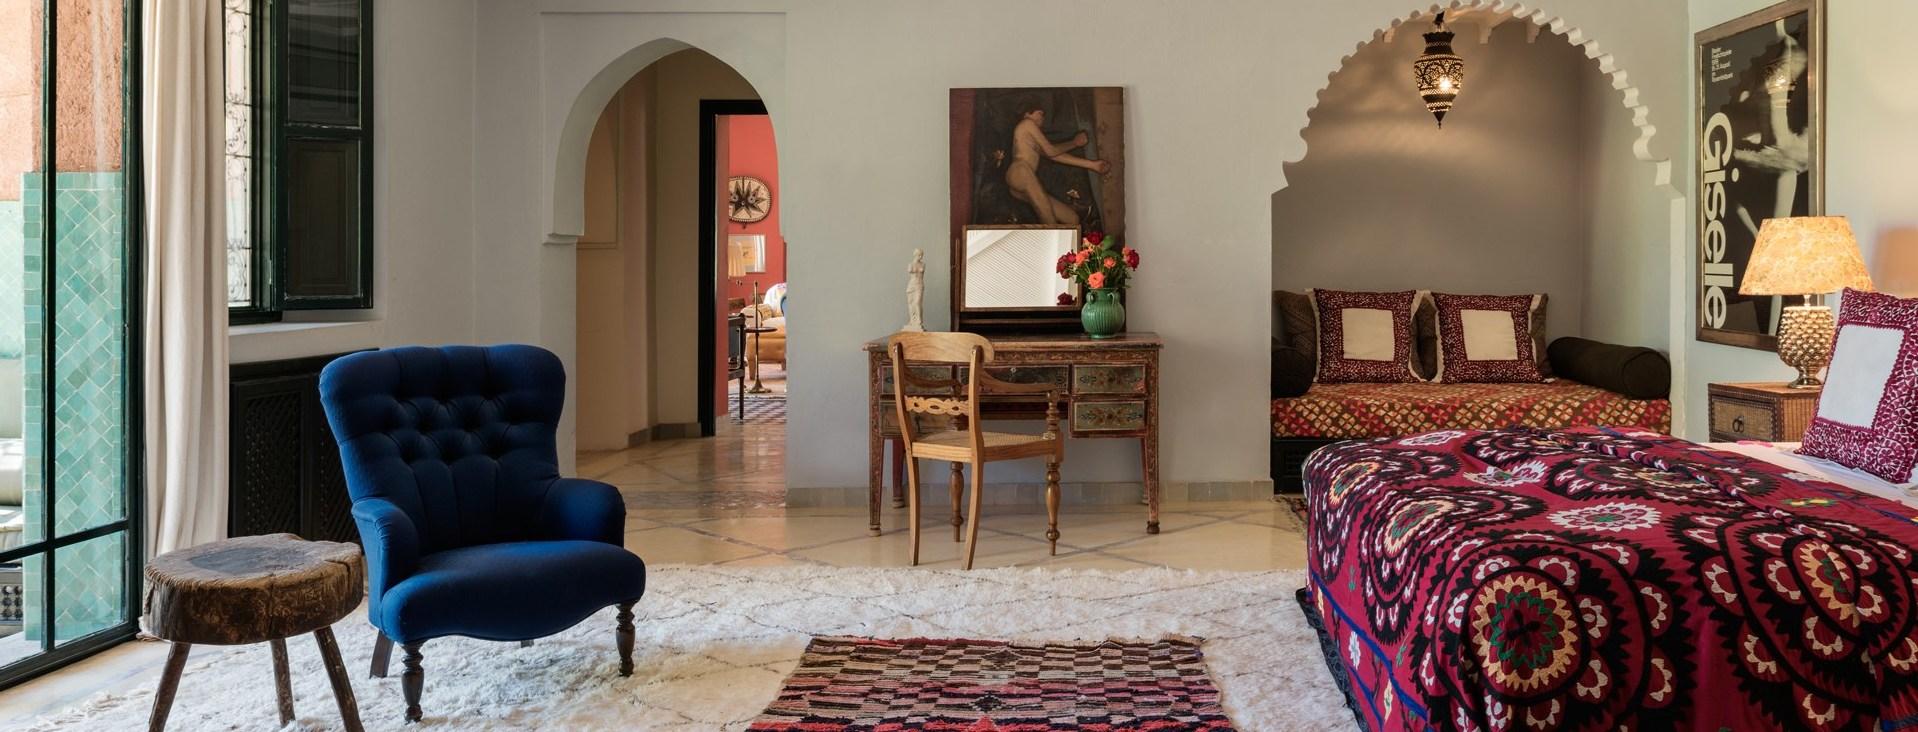 large-family-luxury-villa-marrakech